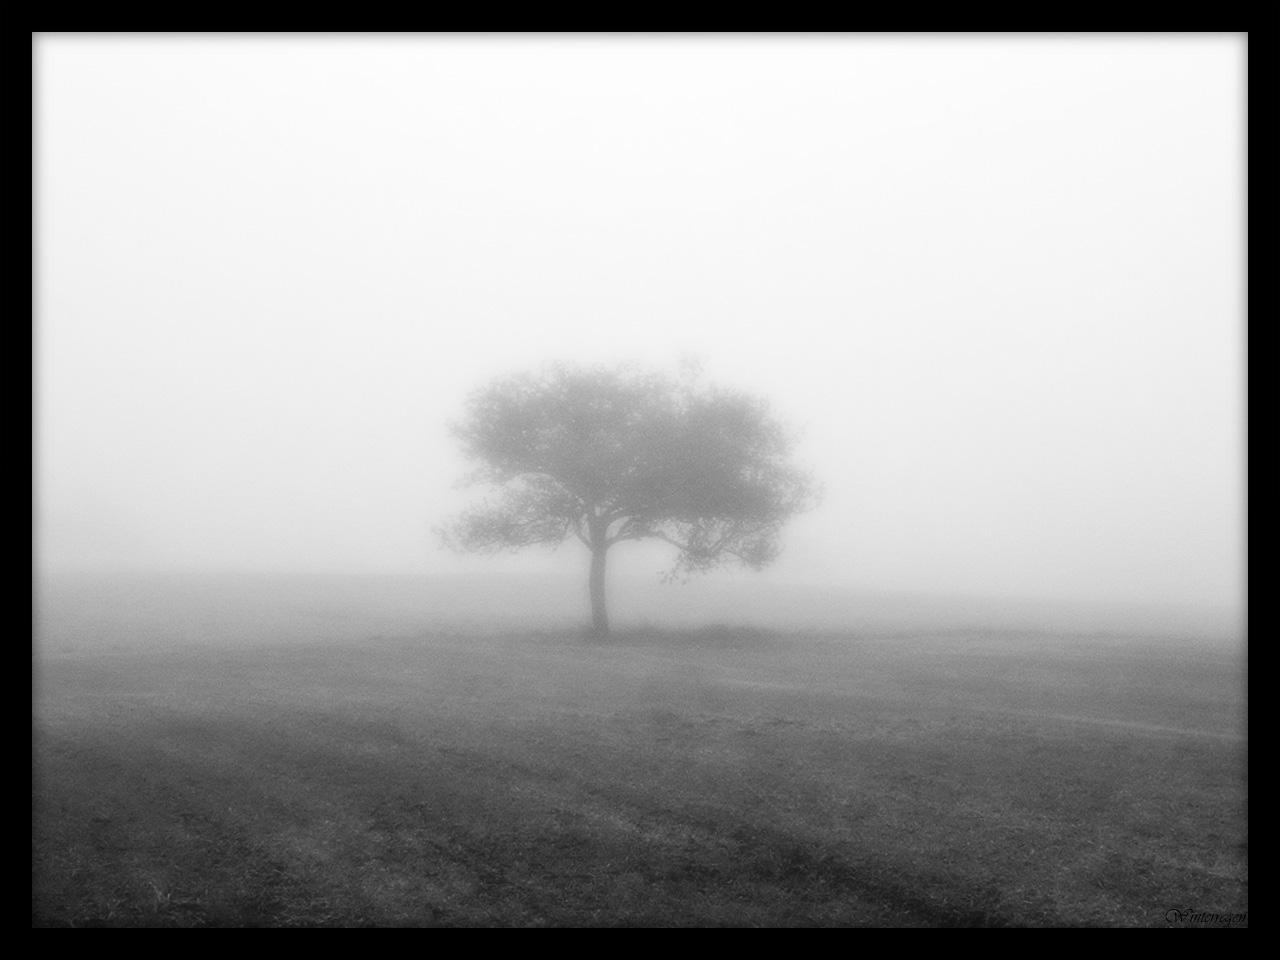 The Silence of Loneliness by Winterregen